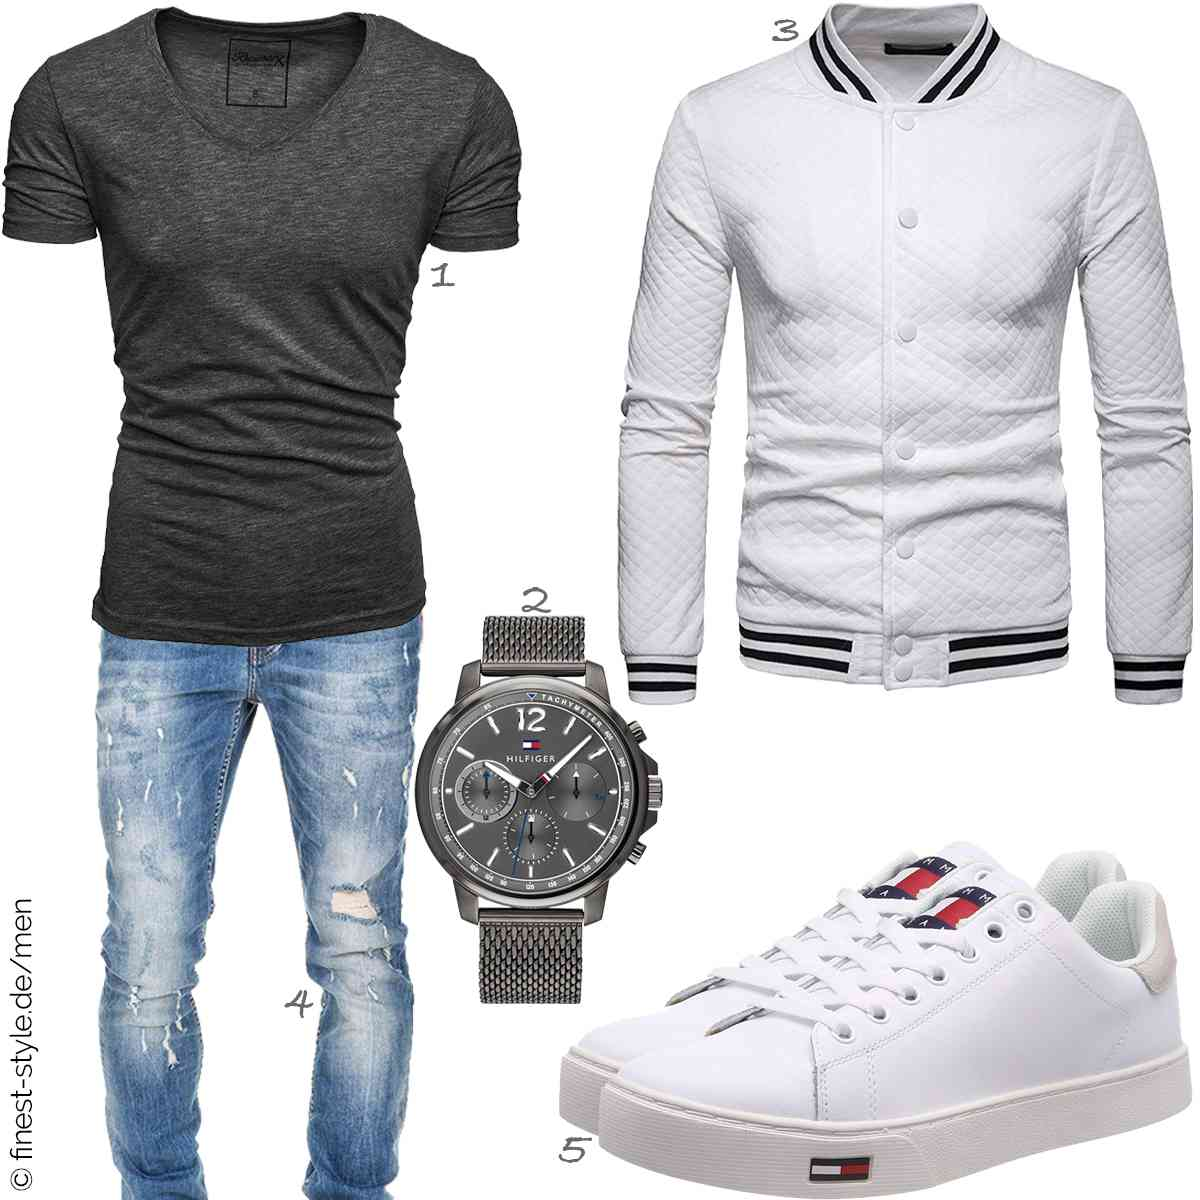 Top Herren-Outfit im Finest-Trend-Style für ein selbstbewusstes Modegefühl mit tollen Produkten von REPUBLIX,Tommy Hilfiger,WHATLEES,Amaci&Sons,Hilfiger Denim